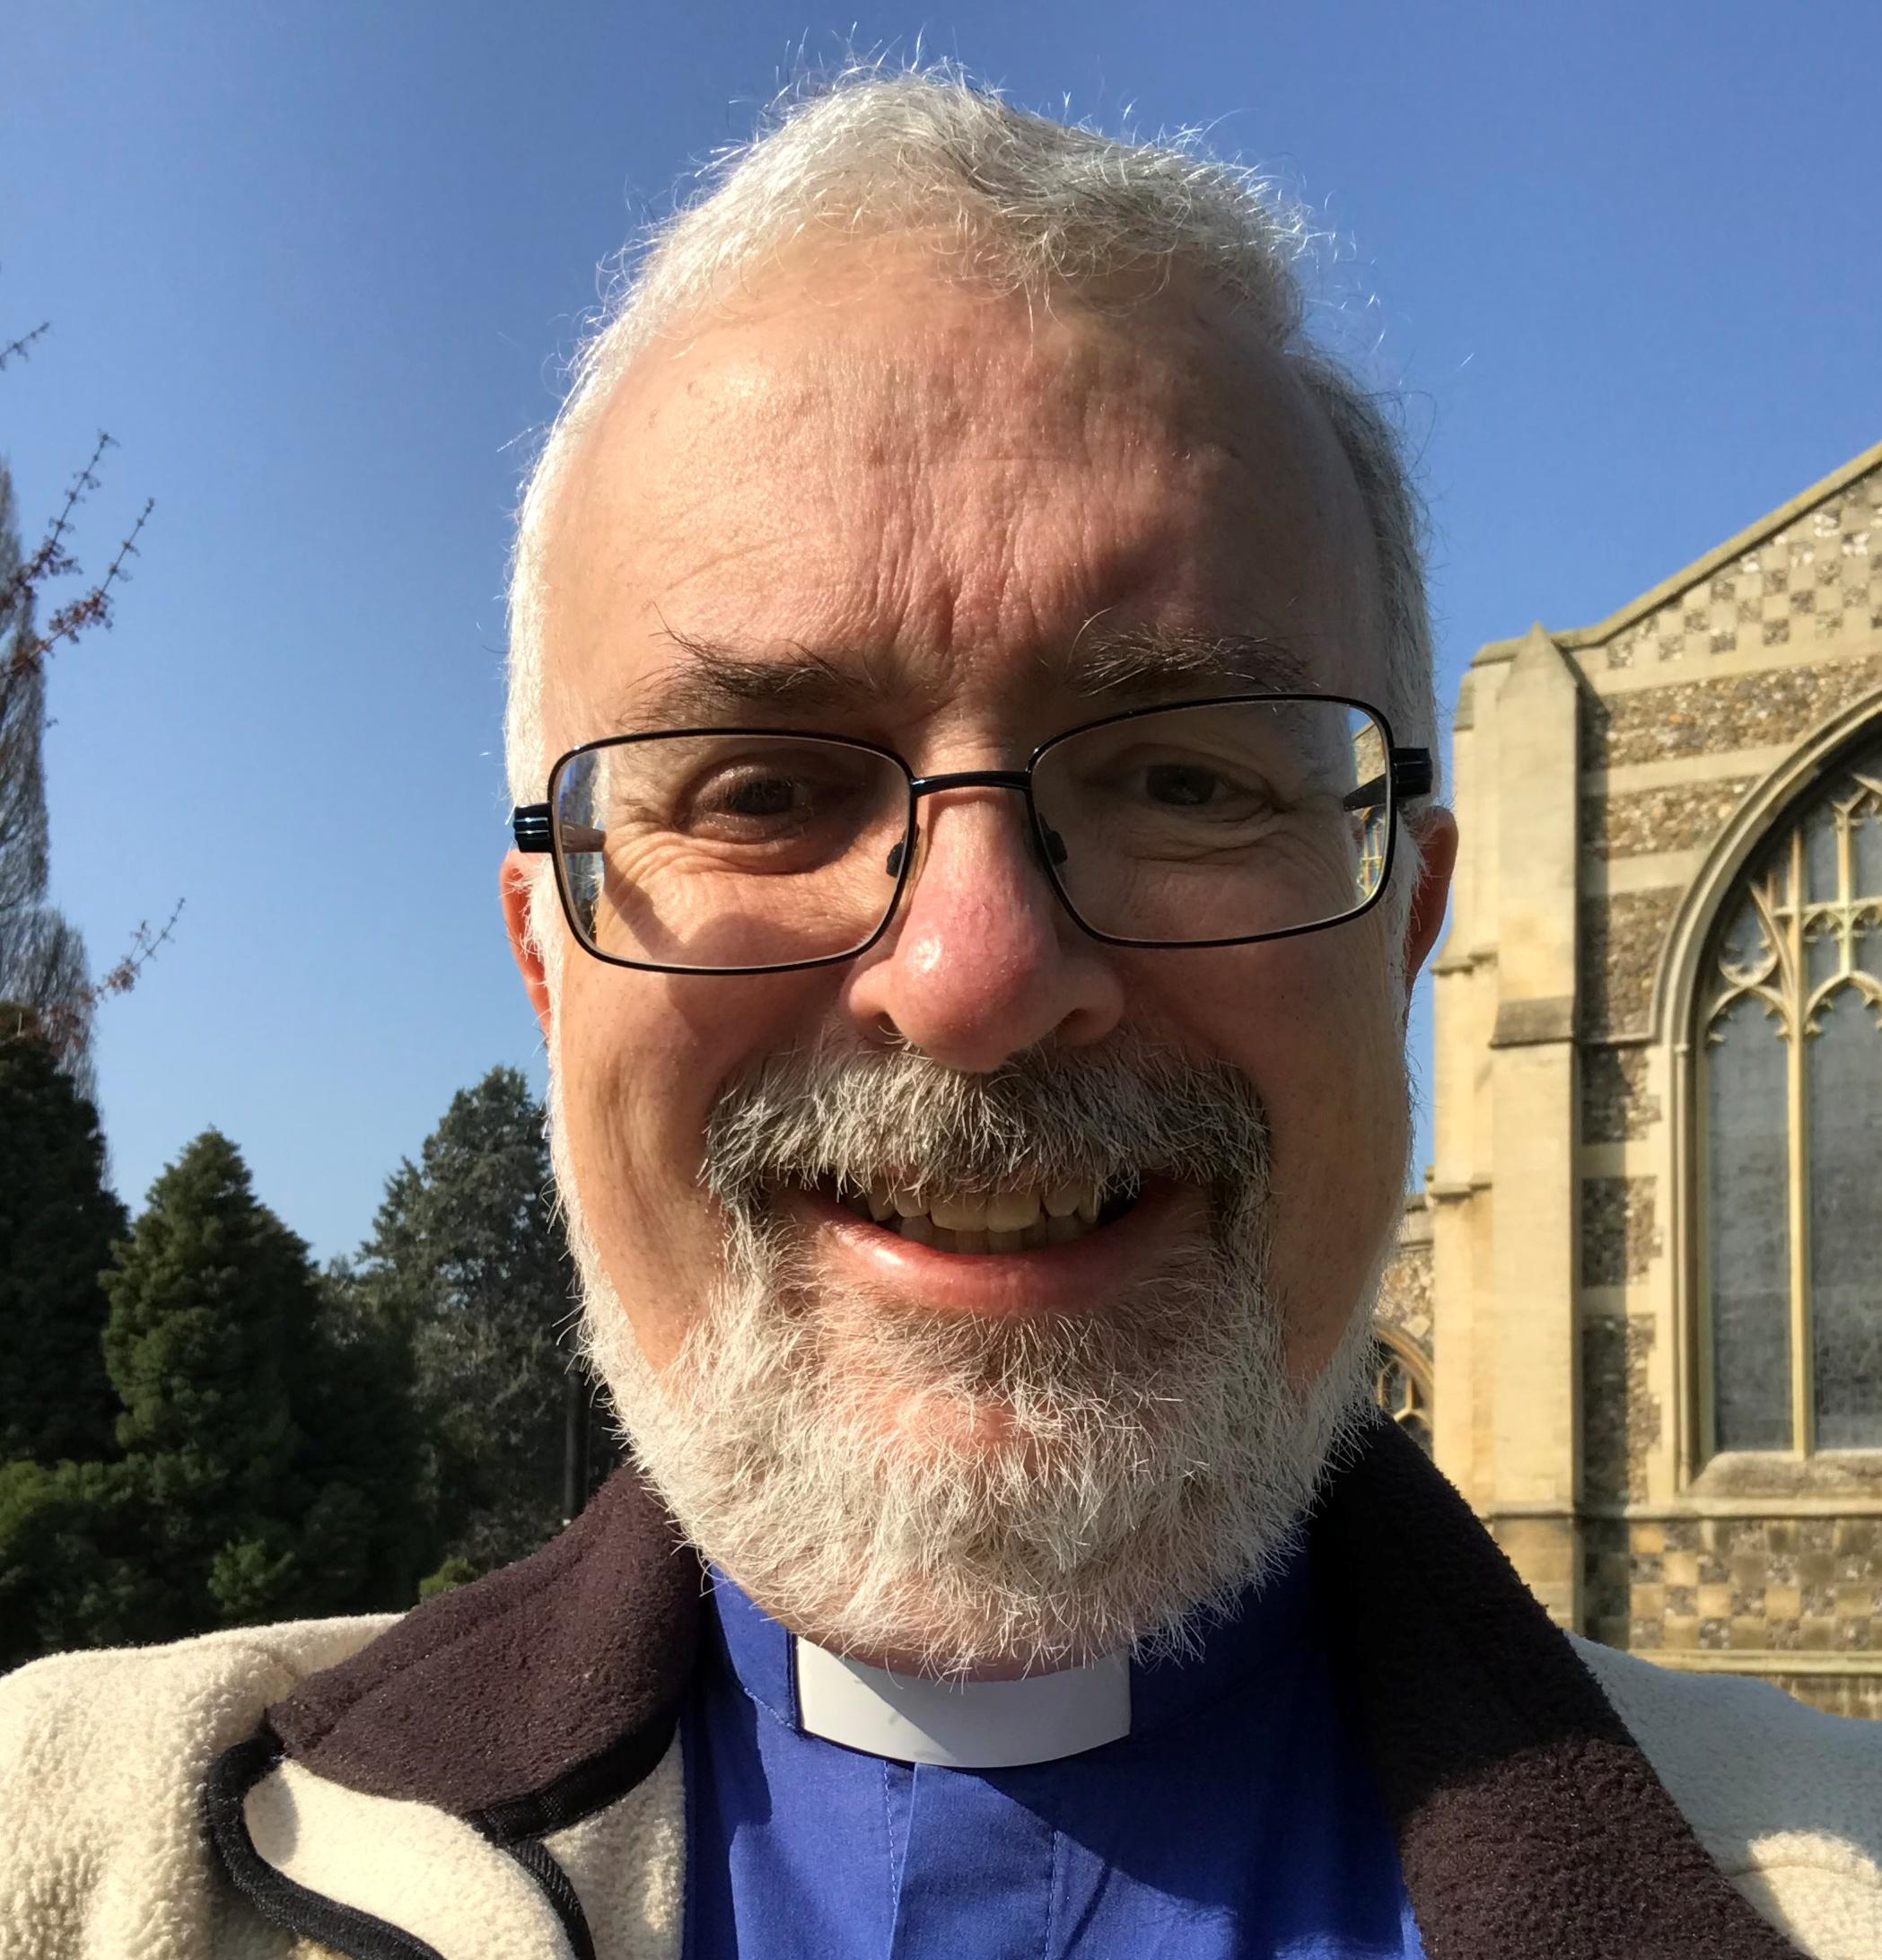 Paul Whittle smilingt